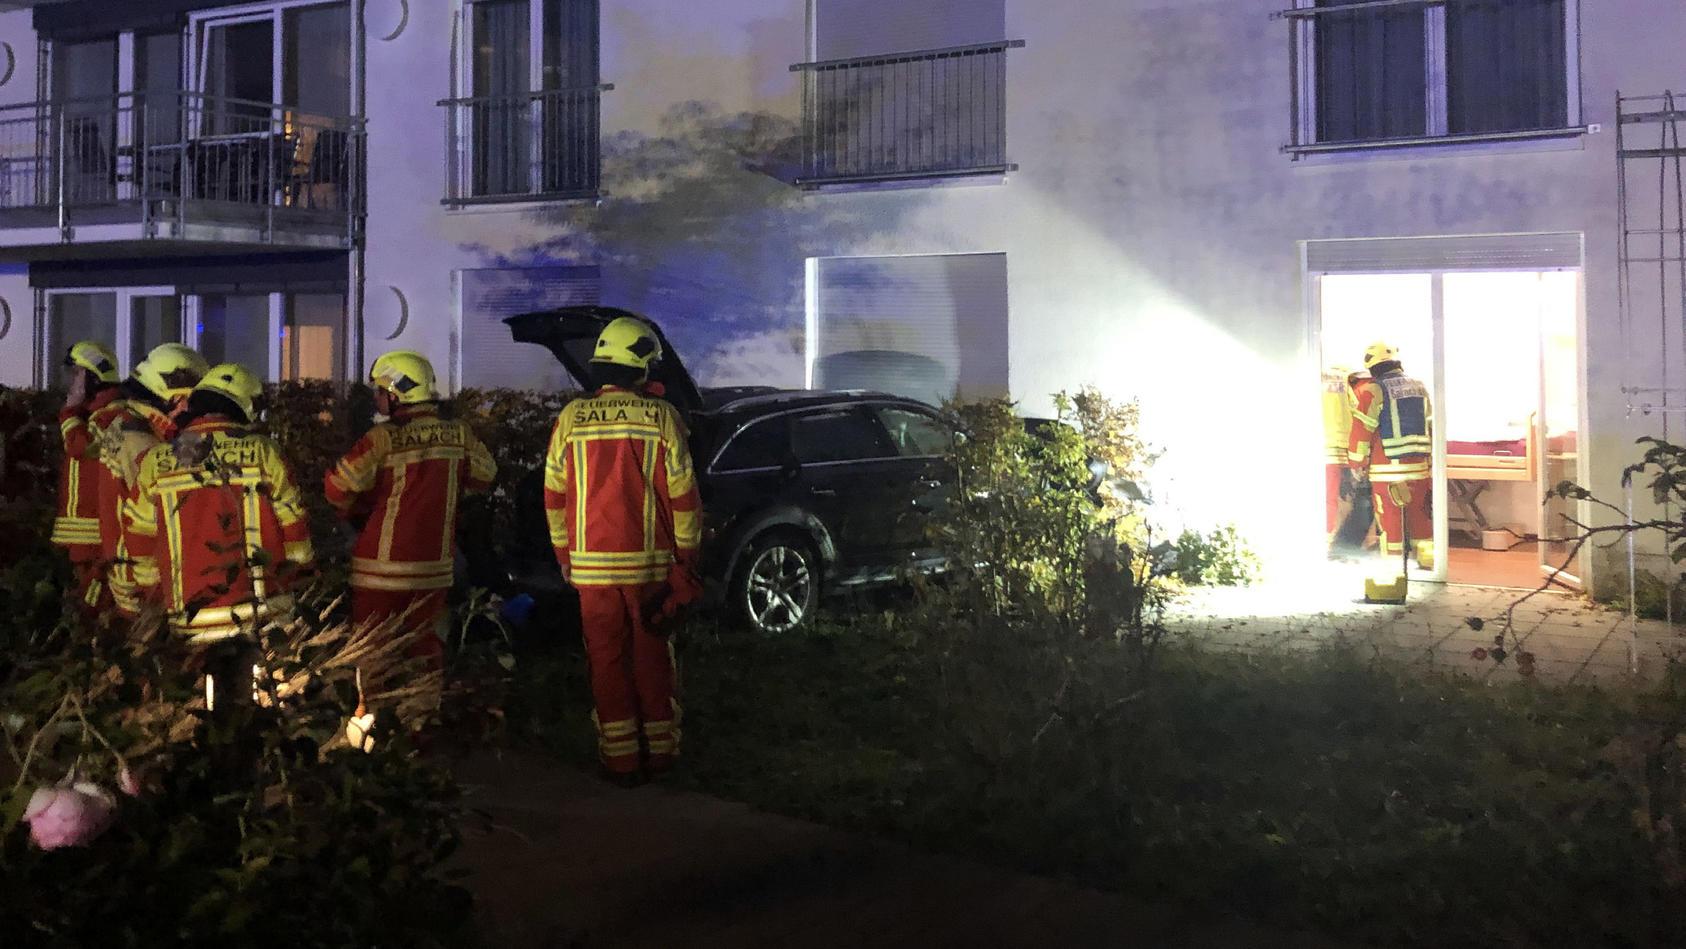 Der Pkw-Fahrer war nach Polizeiangaben alkoholisiert, als der Unfall in Salach passierte.